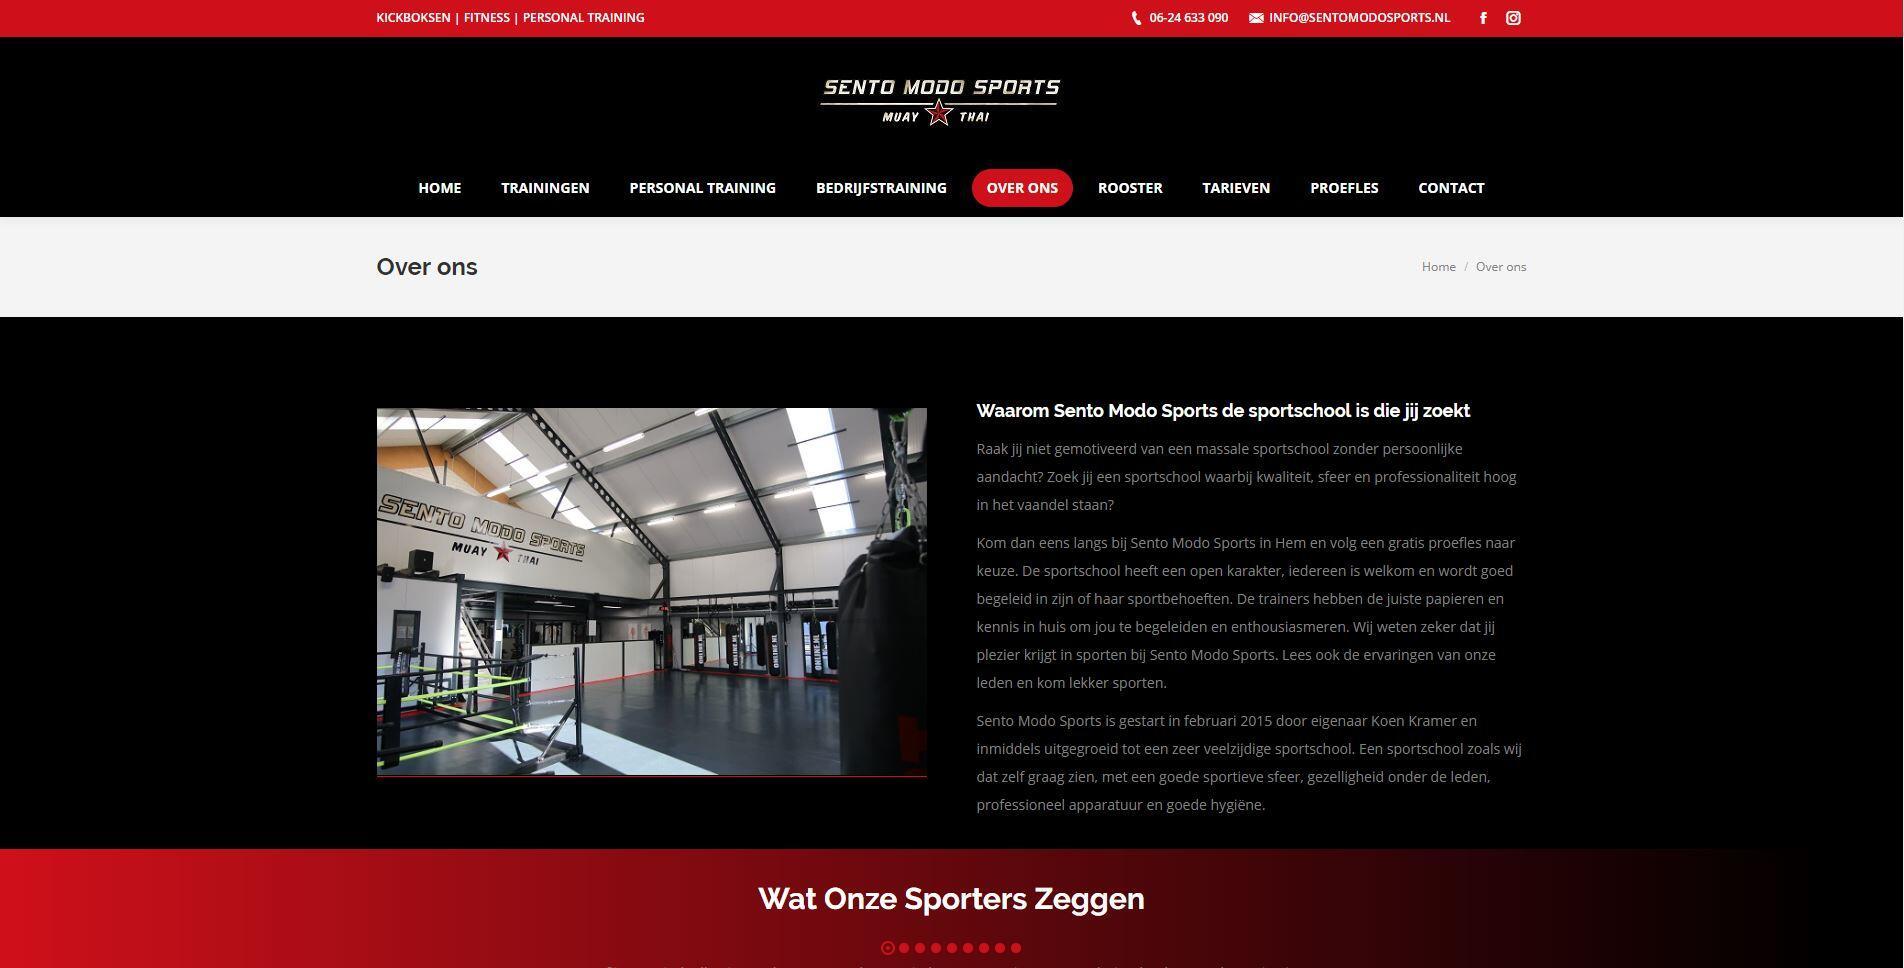 website voor sportschool laten maken